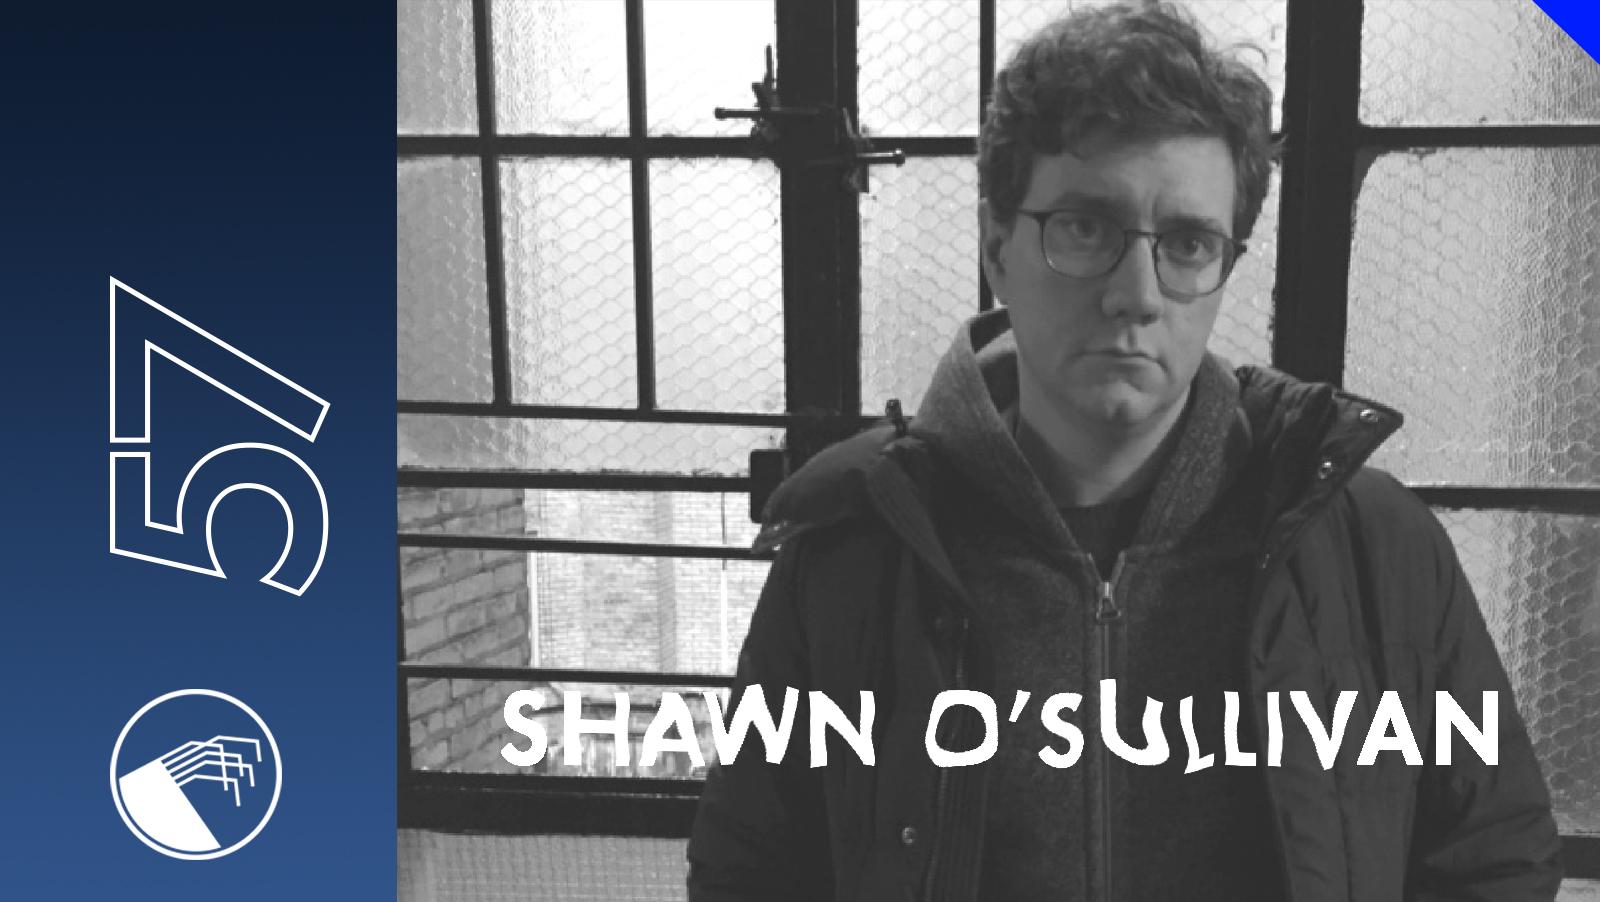 057 Shawn O'Sullivan